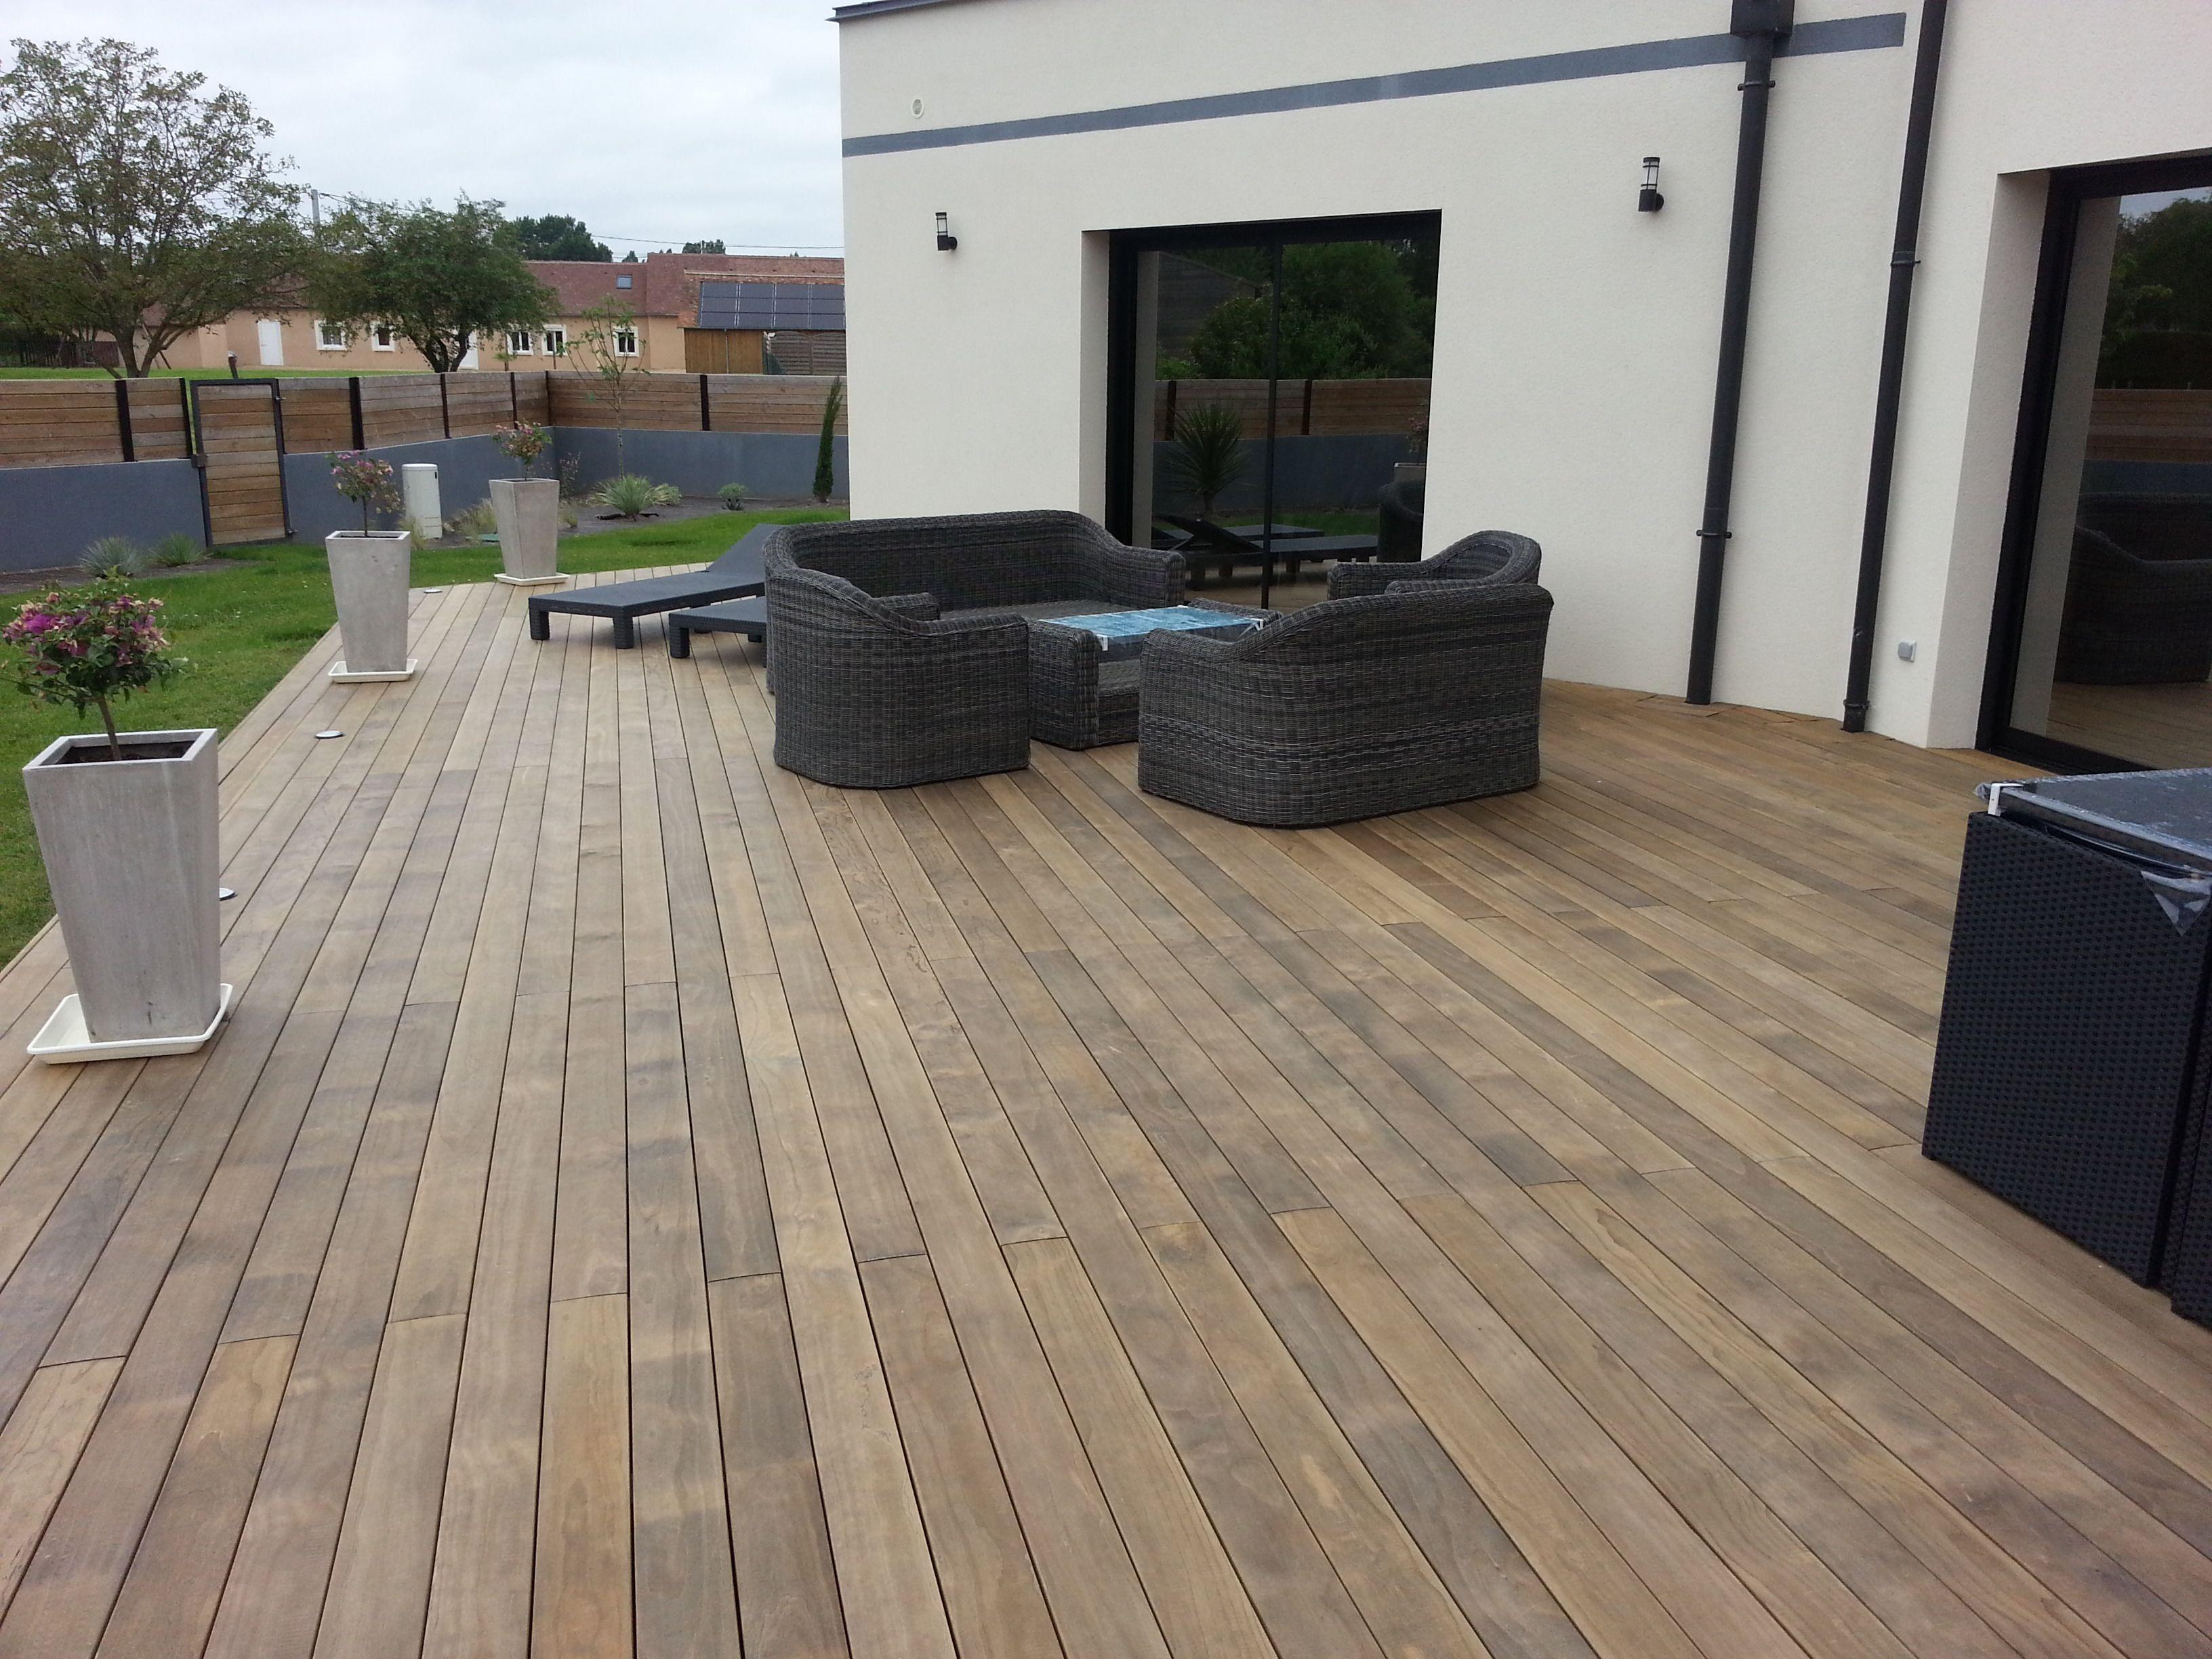 J 39 admire les finitions de ma terrasse en bois - Terrasses en bois photos ...